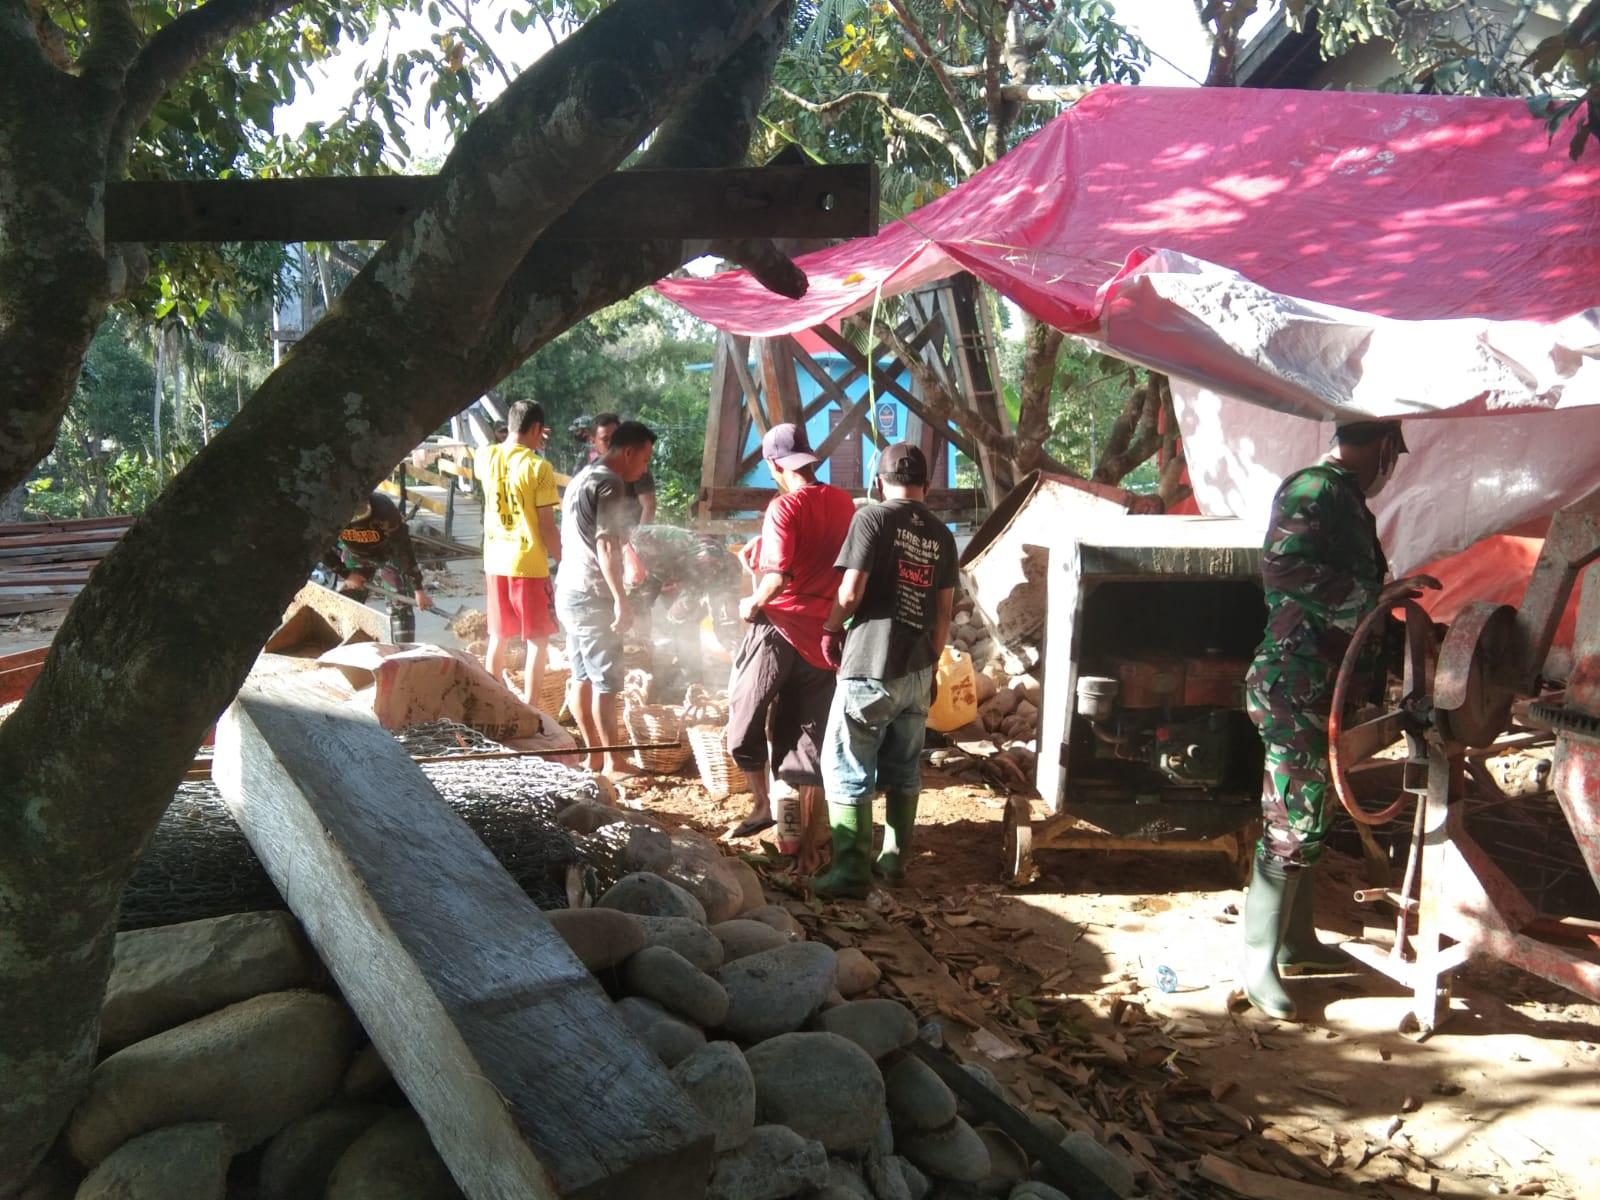 Kodim 1002/HST Bersama Warga Desa Baru Perbaiki Jembatan Rusak Akibat Banjir